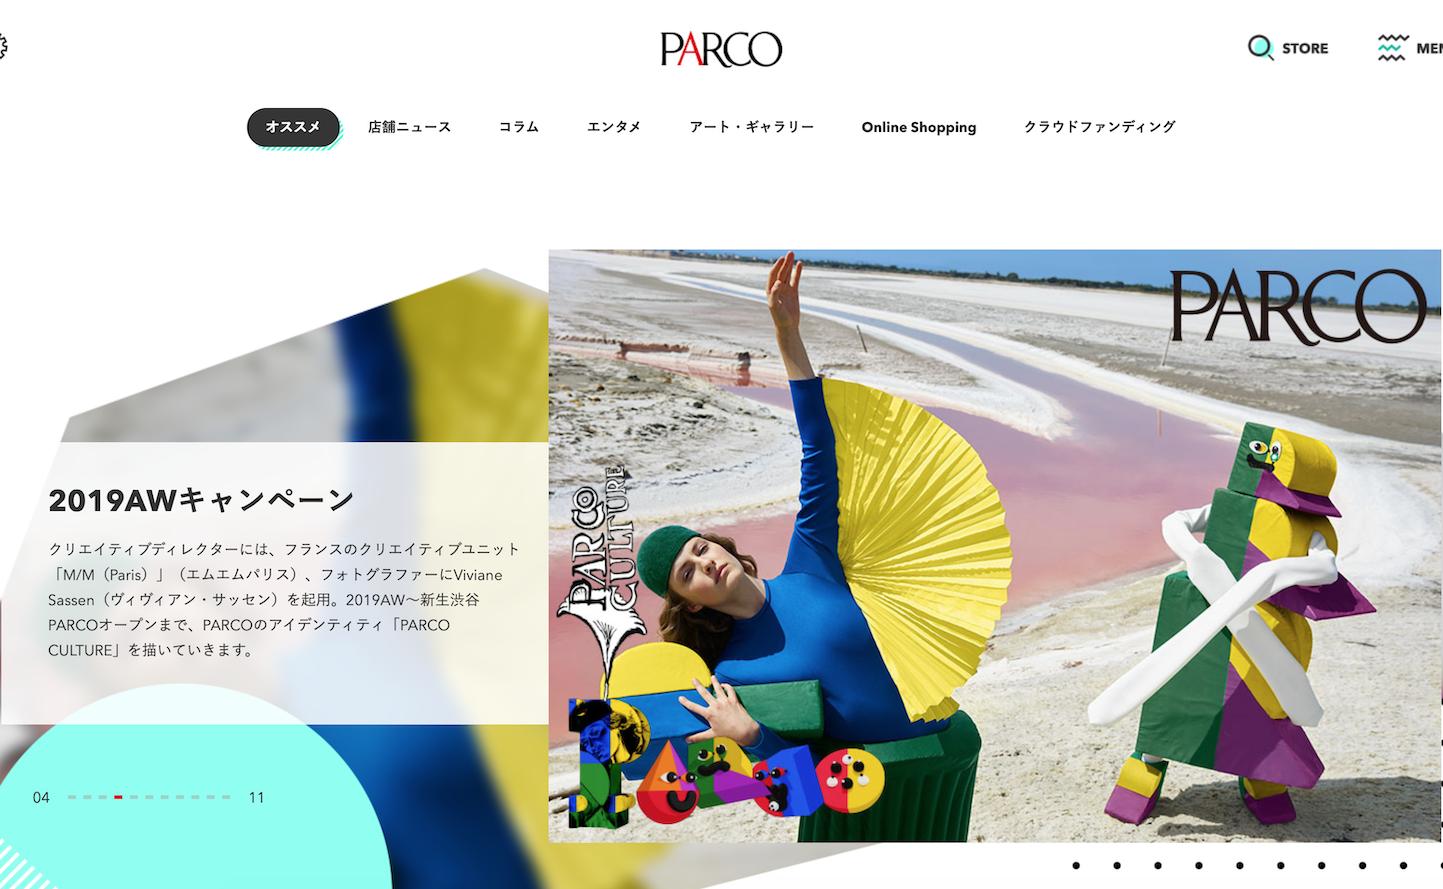 银座地标 Ginza Six 的所有者以 658亿日元收购潮流百货 Parco 剩余股权,实现100%控股